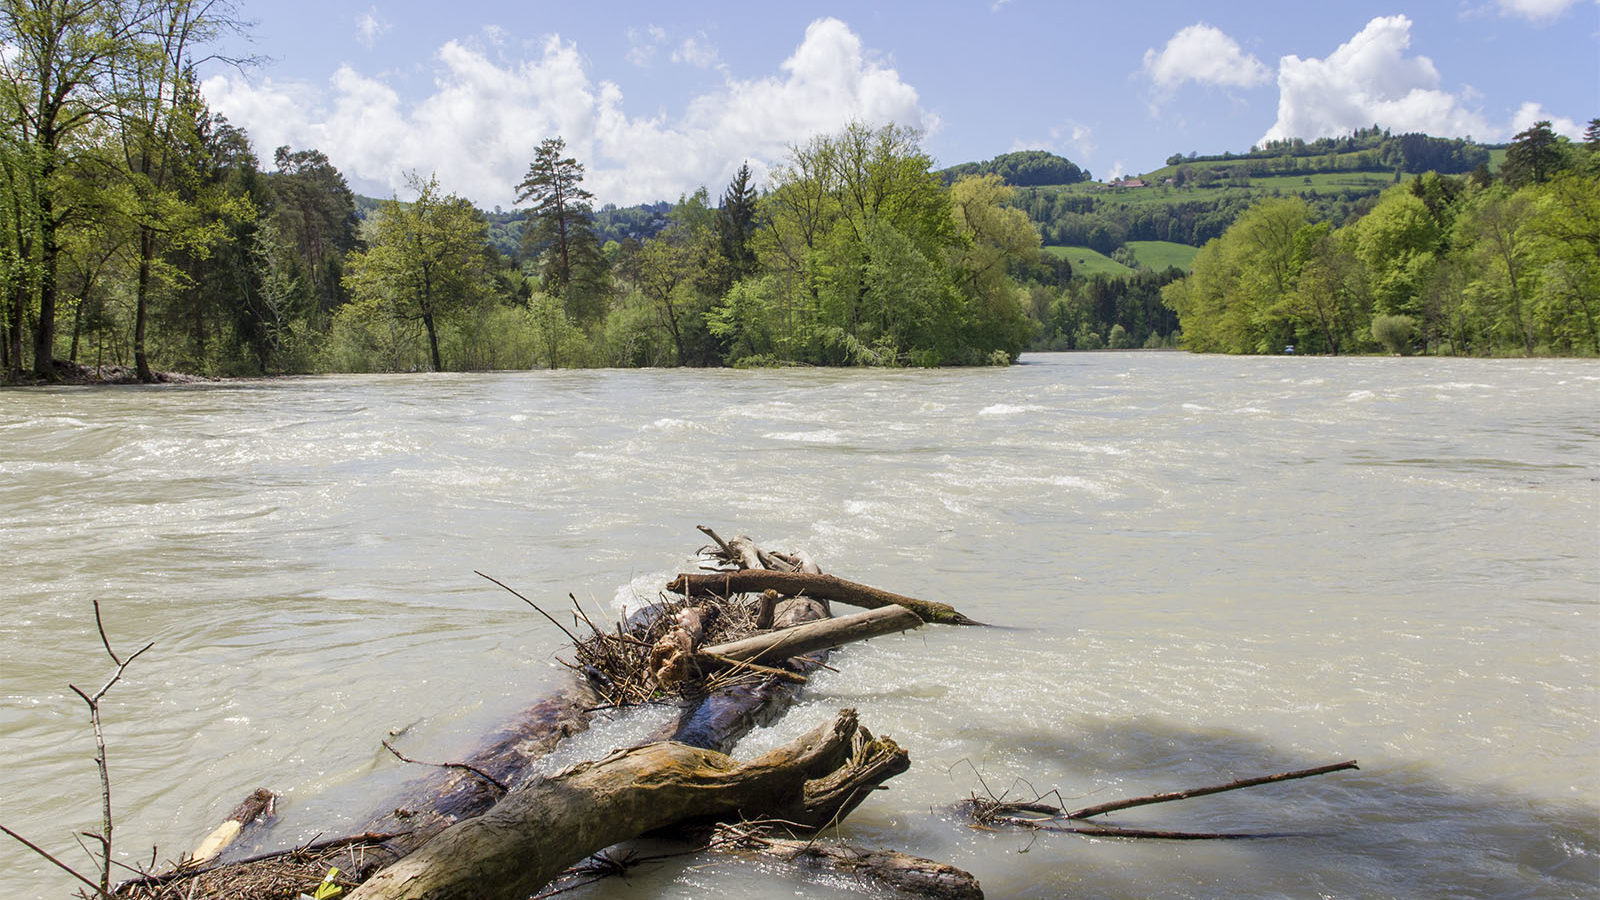 Noch in Bern stammen über 90% des Aarewassers aus dem Thunersee. Nach ergiebigen Regenfällen liefert der See oft noch während Tagen Hochwasser an die ausfliessende Aare. Gutes Wetter ist somit kein Garant für moderate Abflüsse